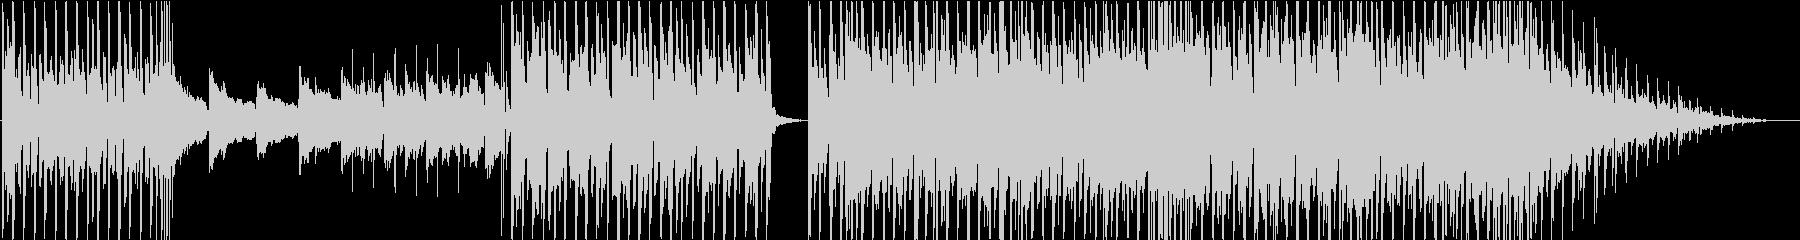 キラキラ/シティポップ_No461_3の未再生の波形